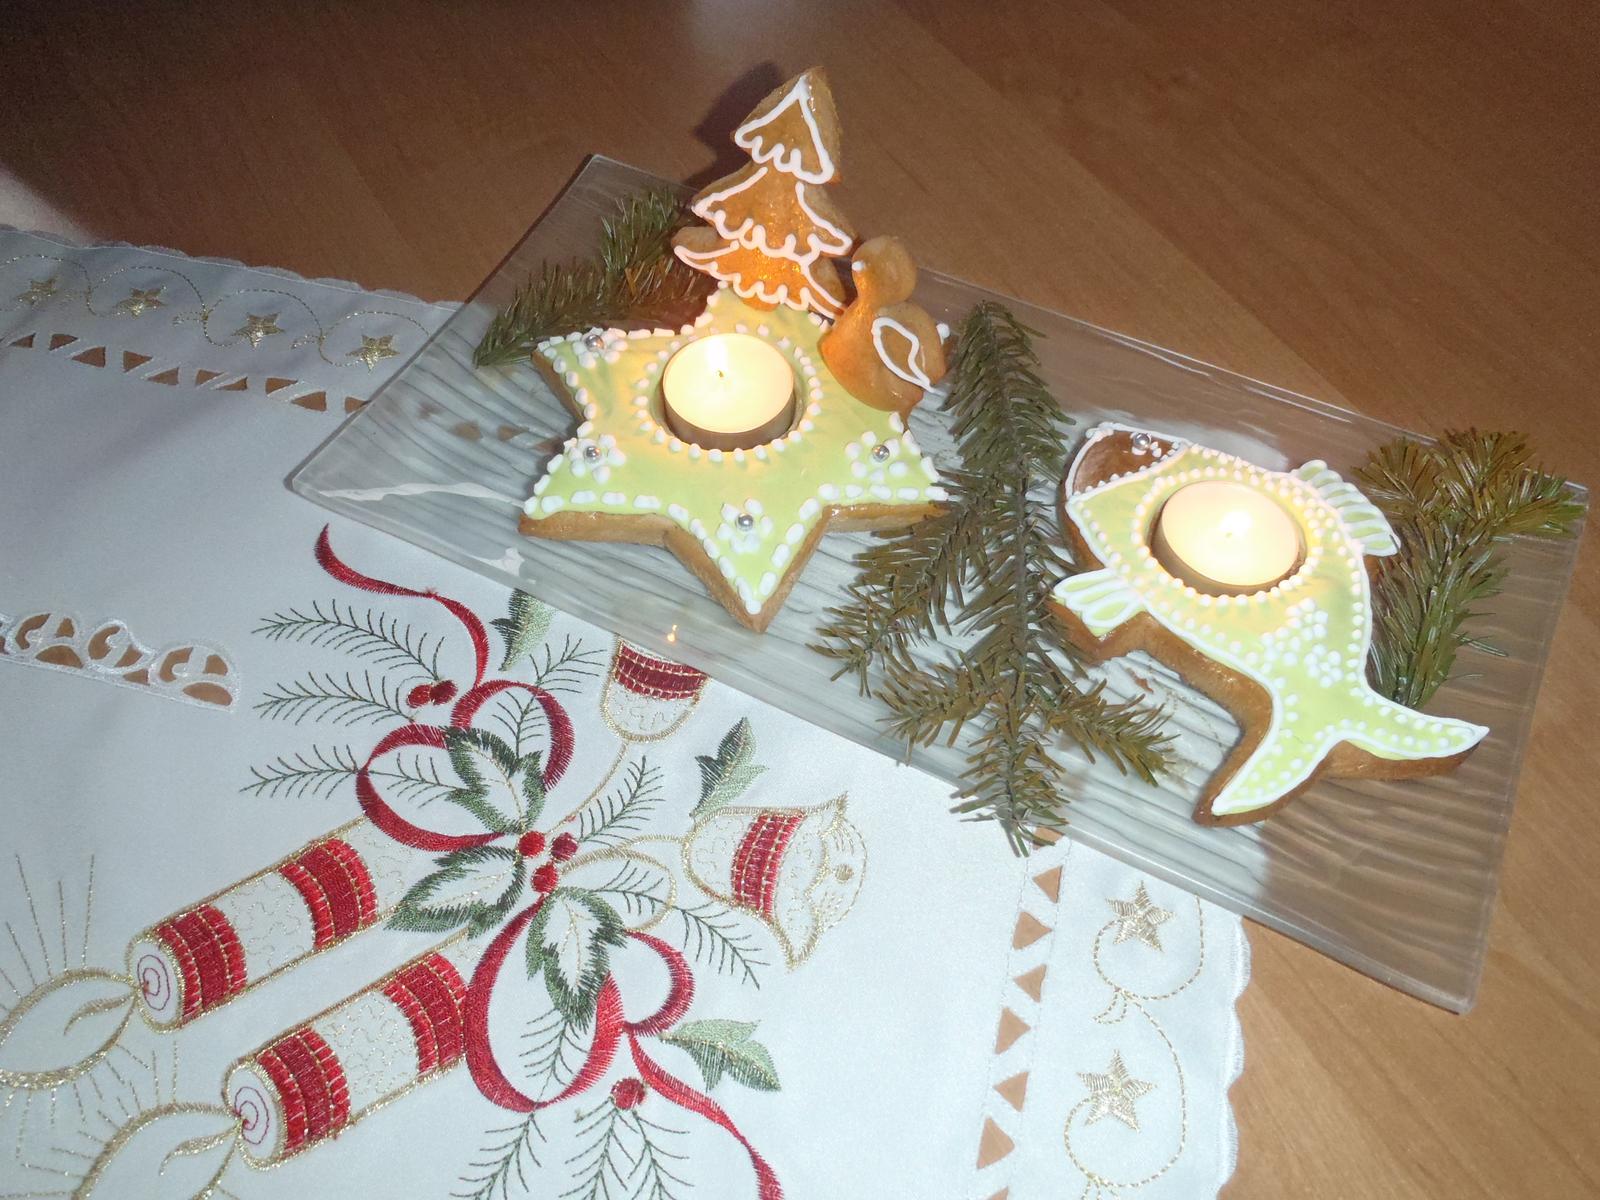 Vánoce 2012 - Vánoční svícínky z perníku, můj výtvor ... a oblíbený ubrus